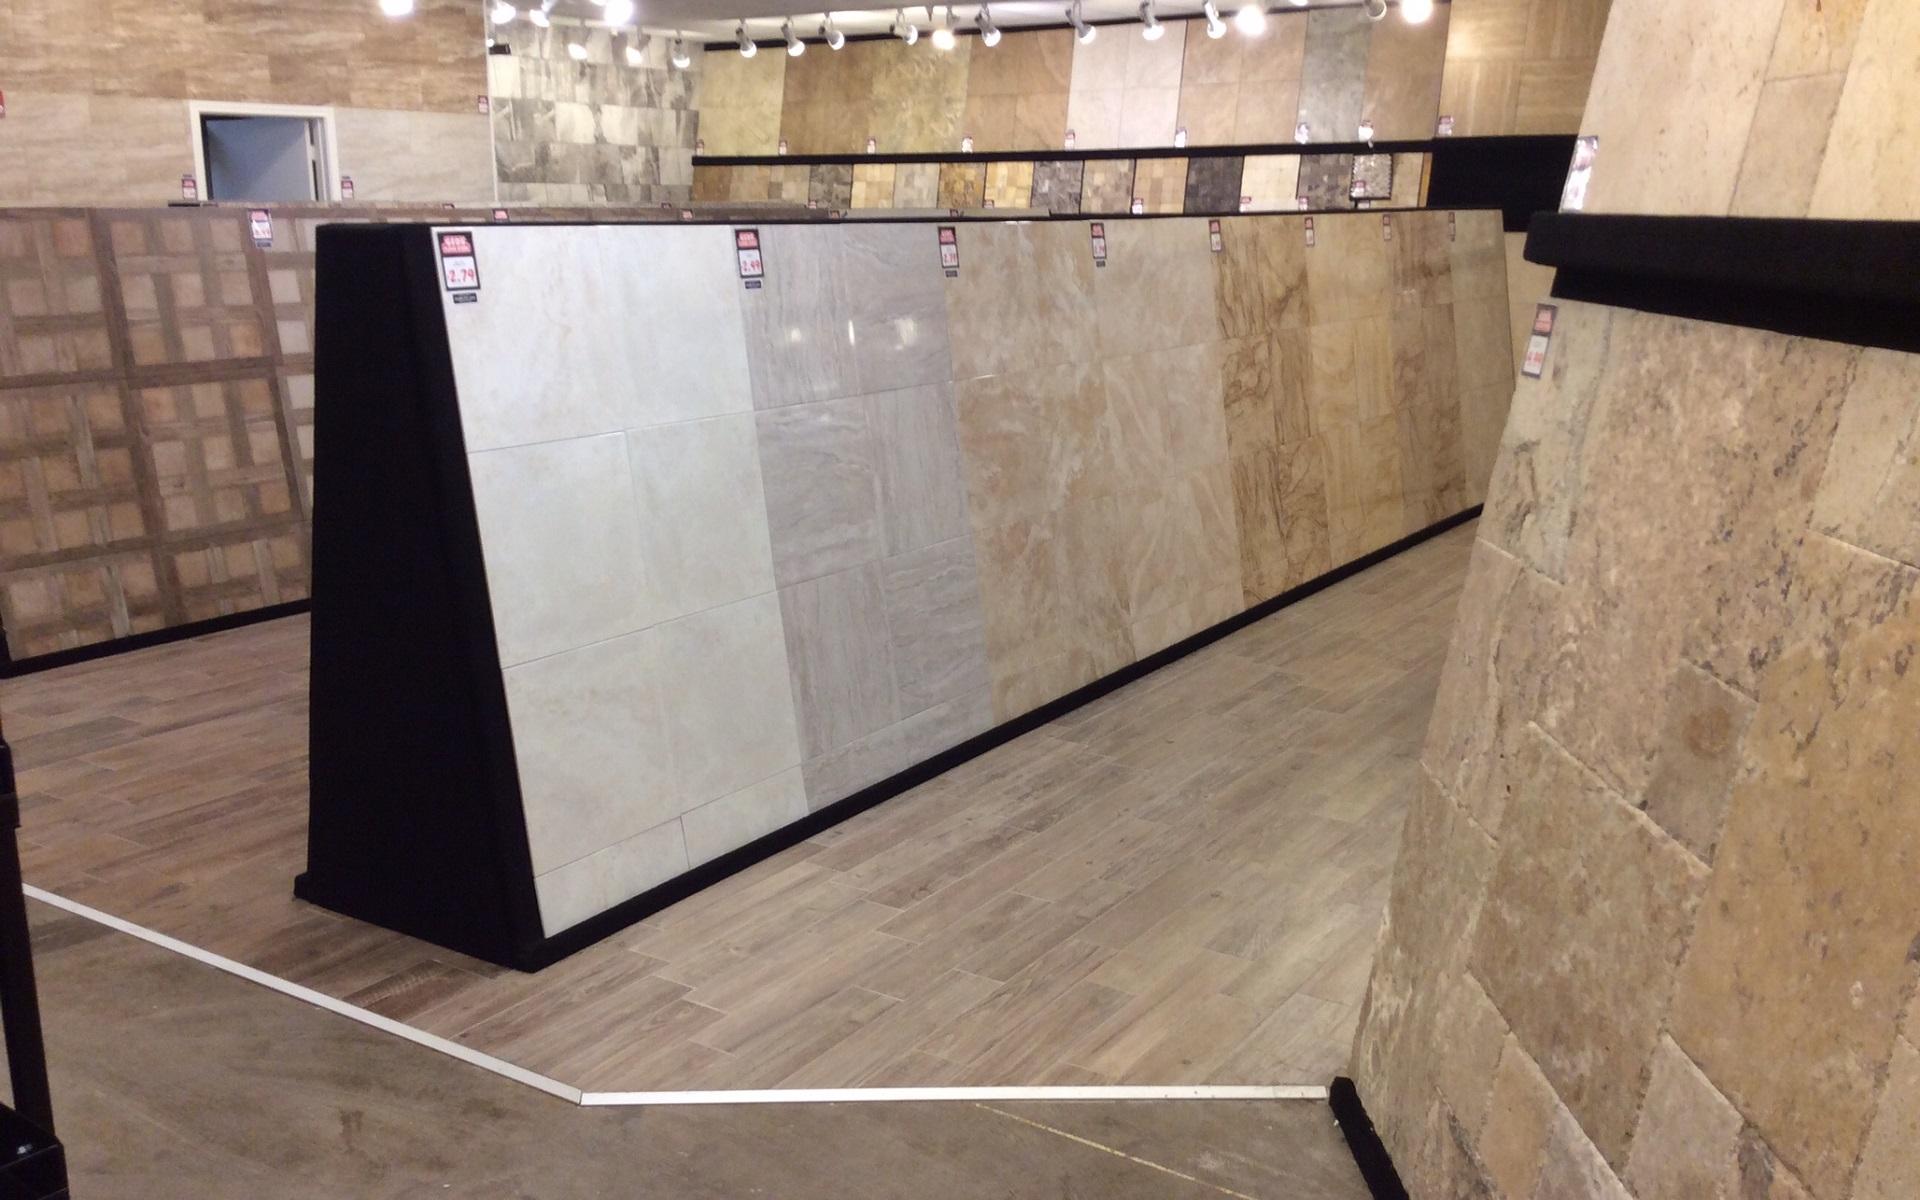 Gạch men ceramic tile, cao cấp hơn là gạch xương xứ hay còn gọi là gạch granite porcelain tile lát nền và ốp tường trang trí có rất nhiều chủng loại, kích thước